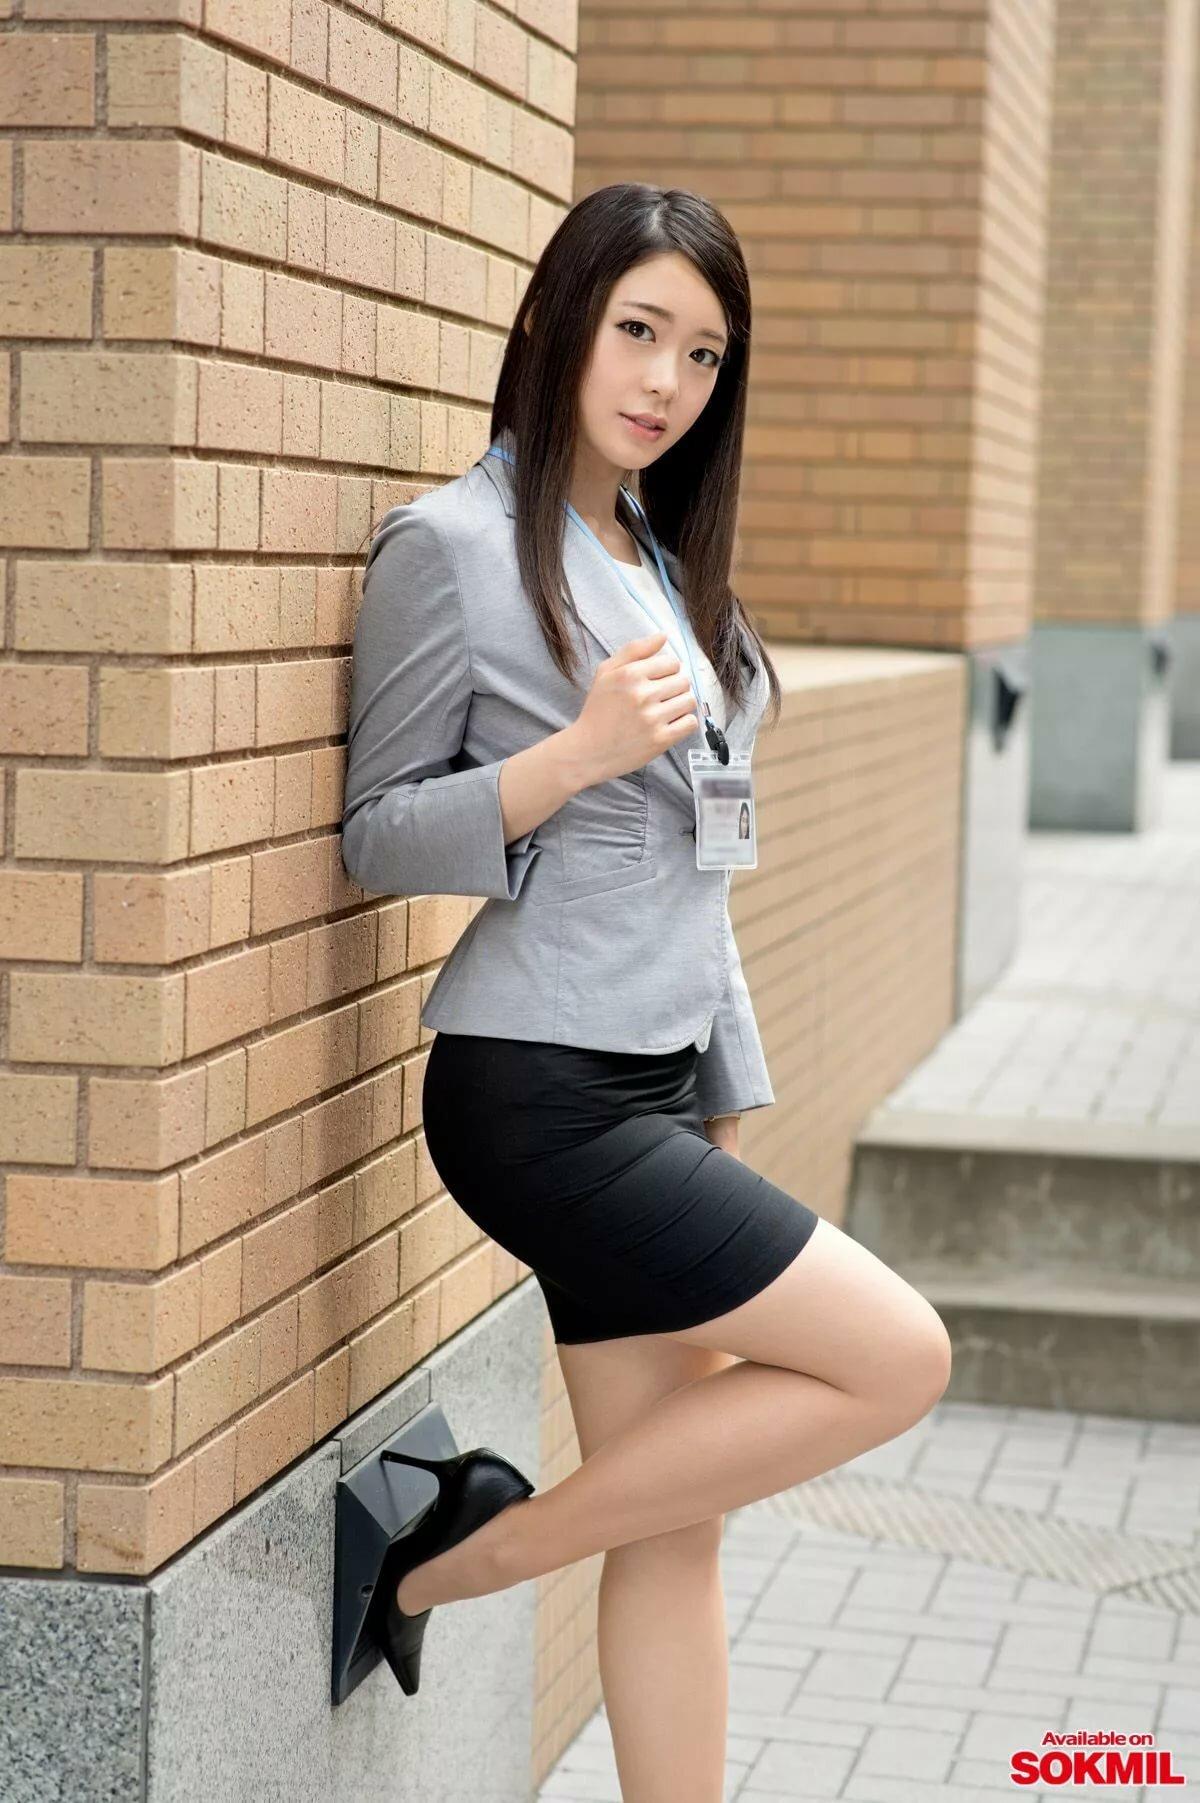 Japan office girl movie, teen shame naked